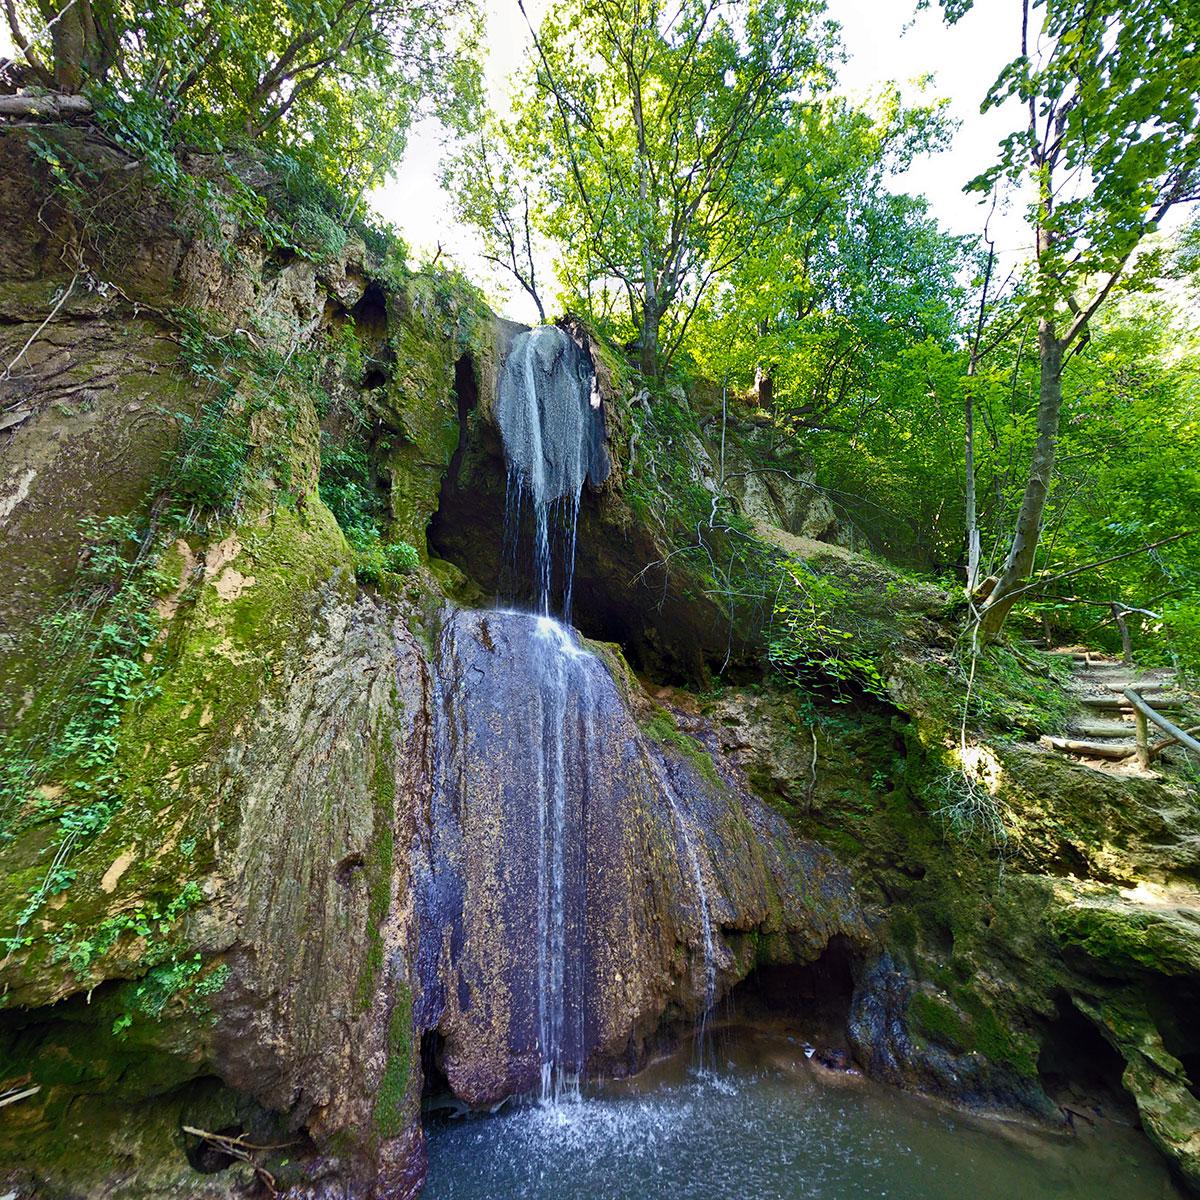 Vodopad Ripaljka nadomak Sokobanje, foto: Uroš Nedeljković